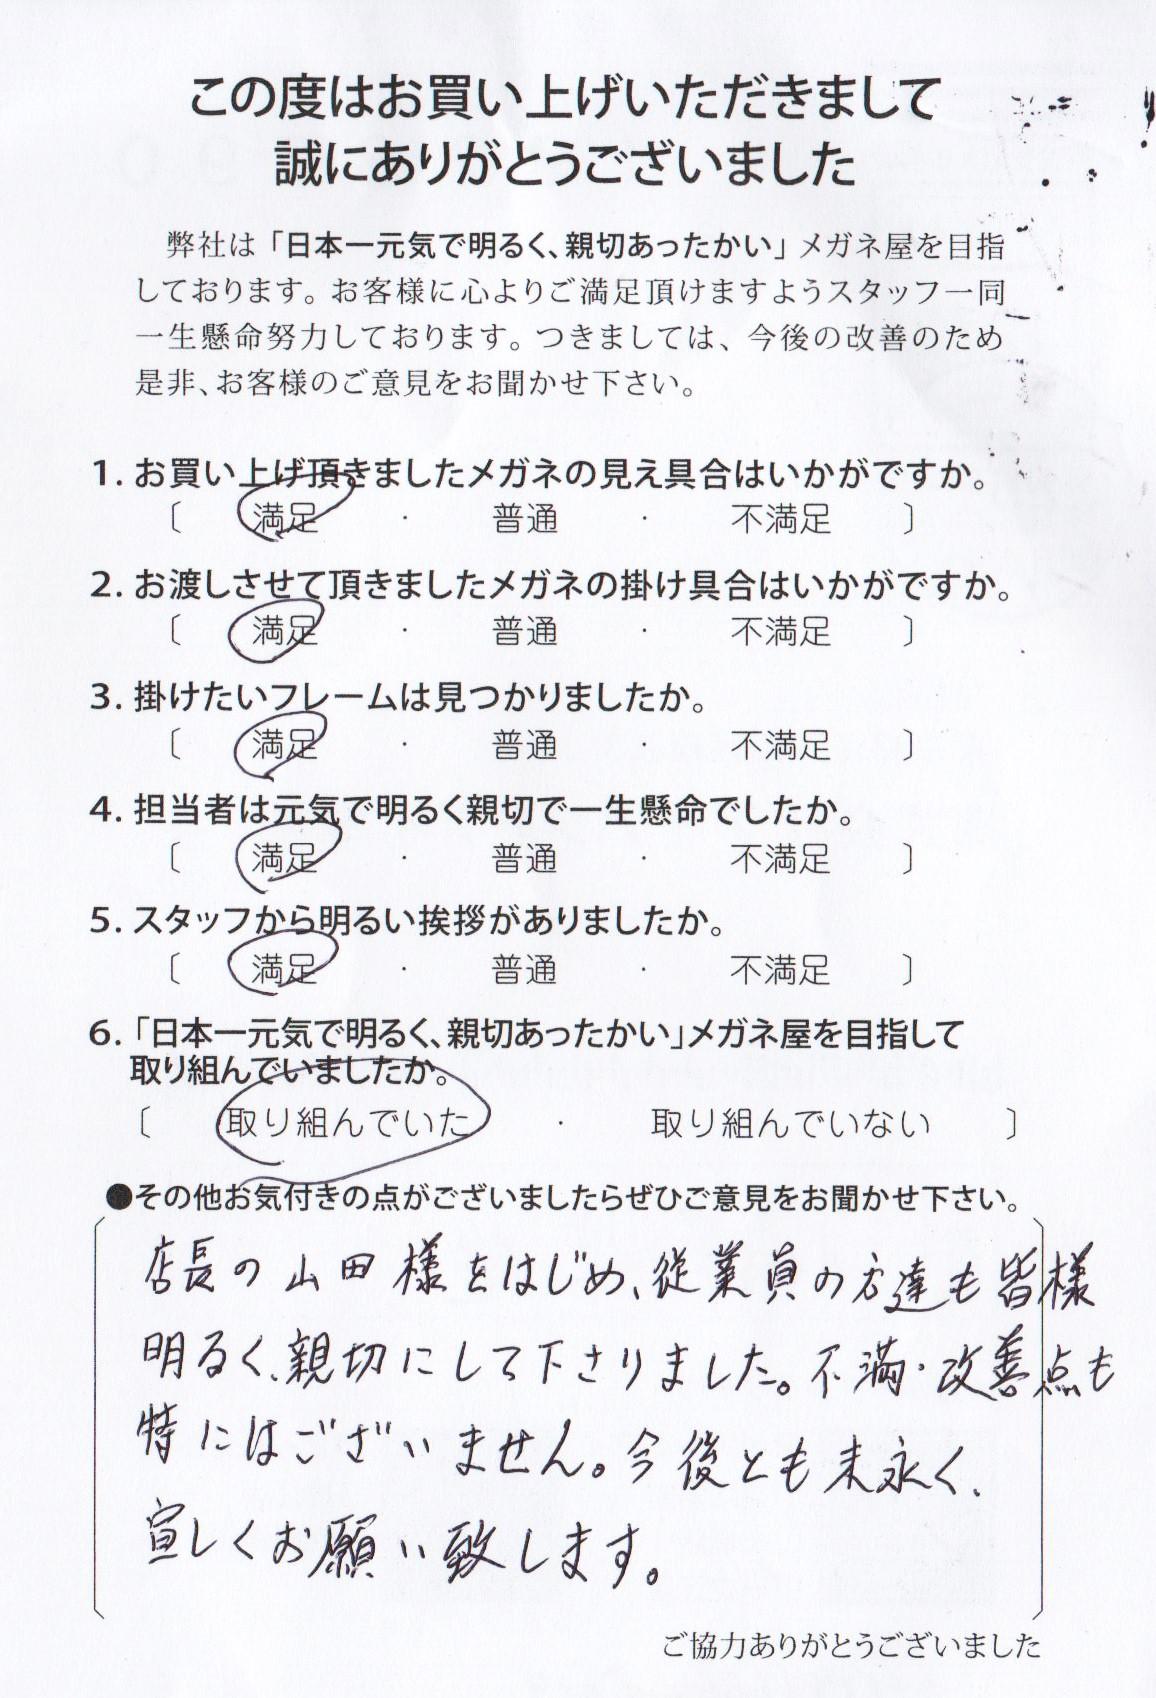 店長の山田様をはじめ、従業員の方たちも皆様明るく、親切にして下さりました。不満・改善点も特にはございません。今後とも末永くよろしくお願いいたします。